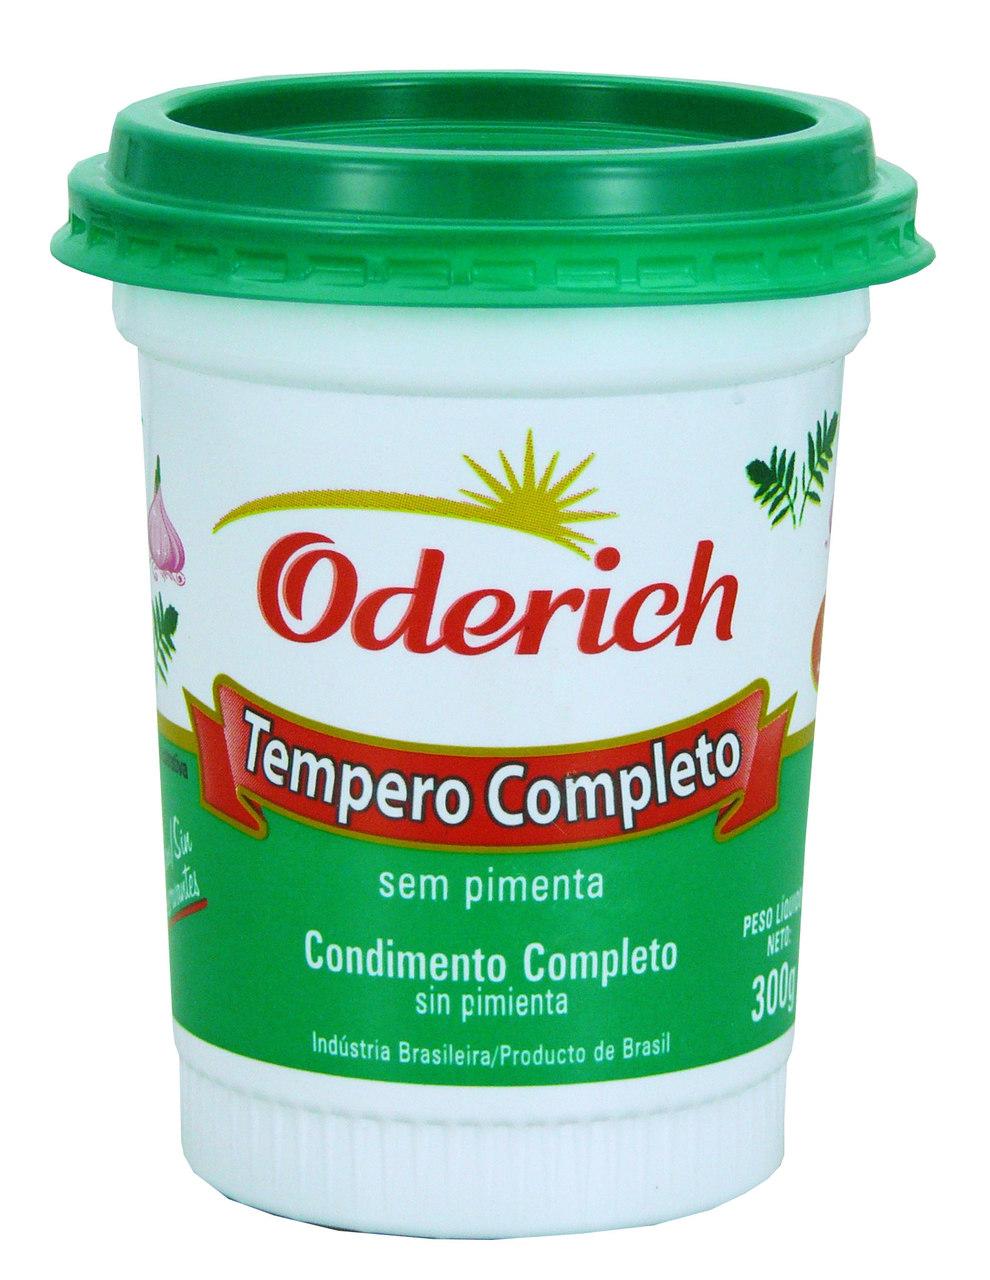 TEMPERO ODERICH COMPL.S/PIMENTA 300 G